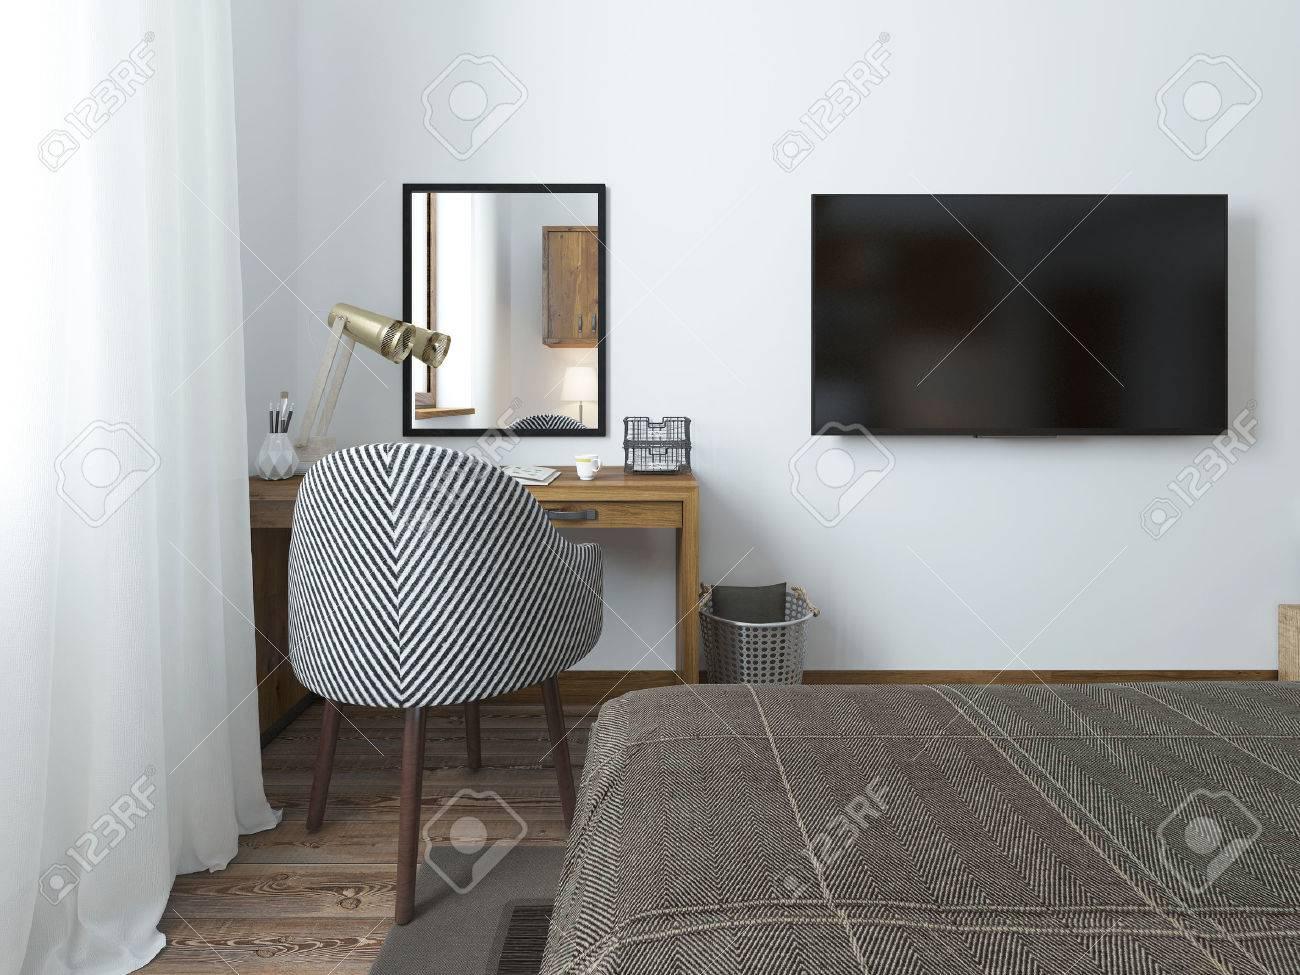 Television Colgada Good La Televisin Puede Ir Colgada En La Pared